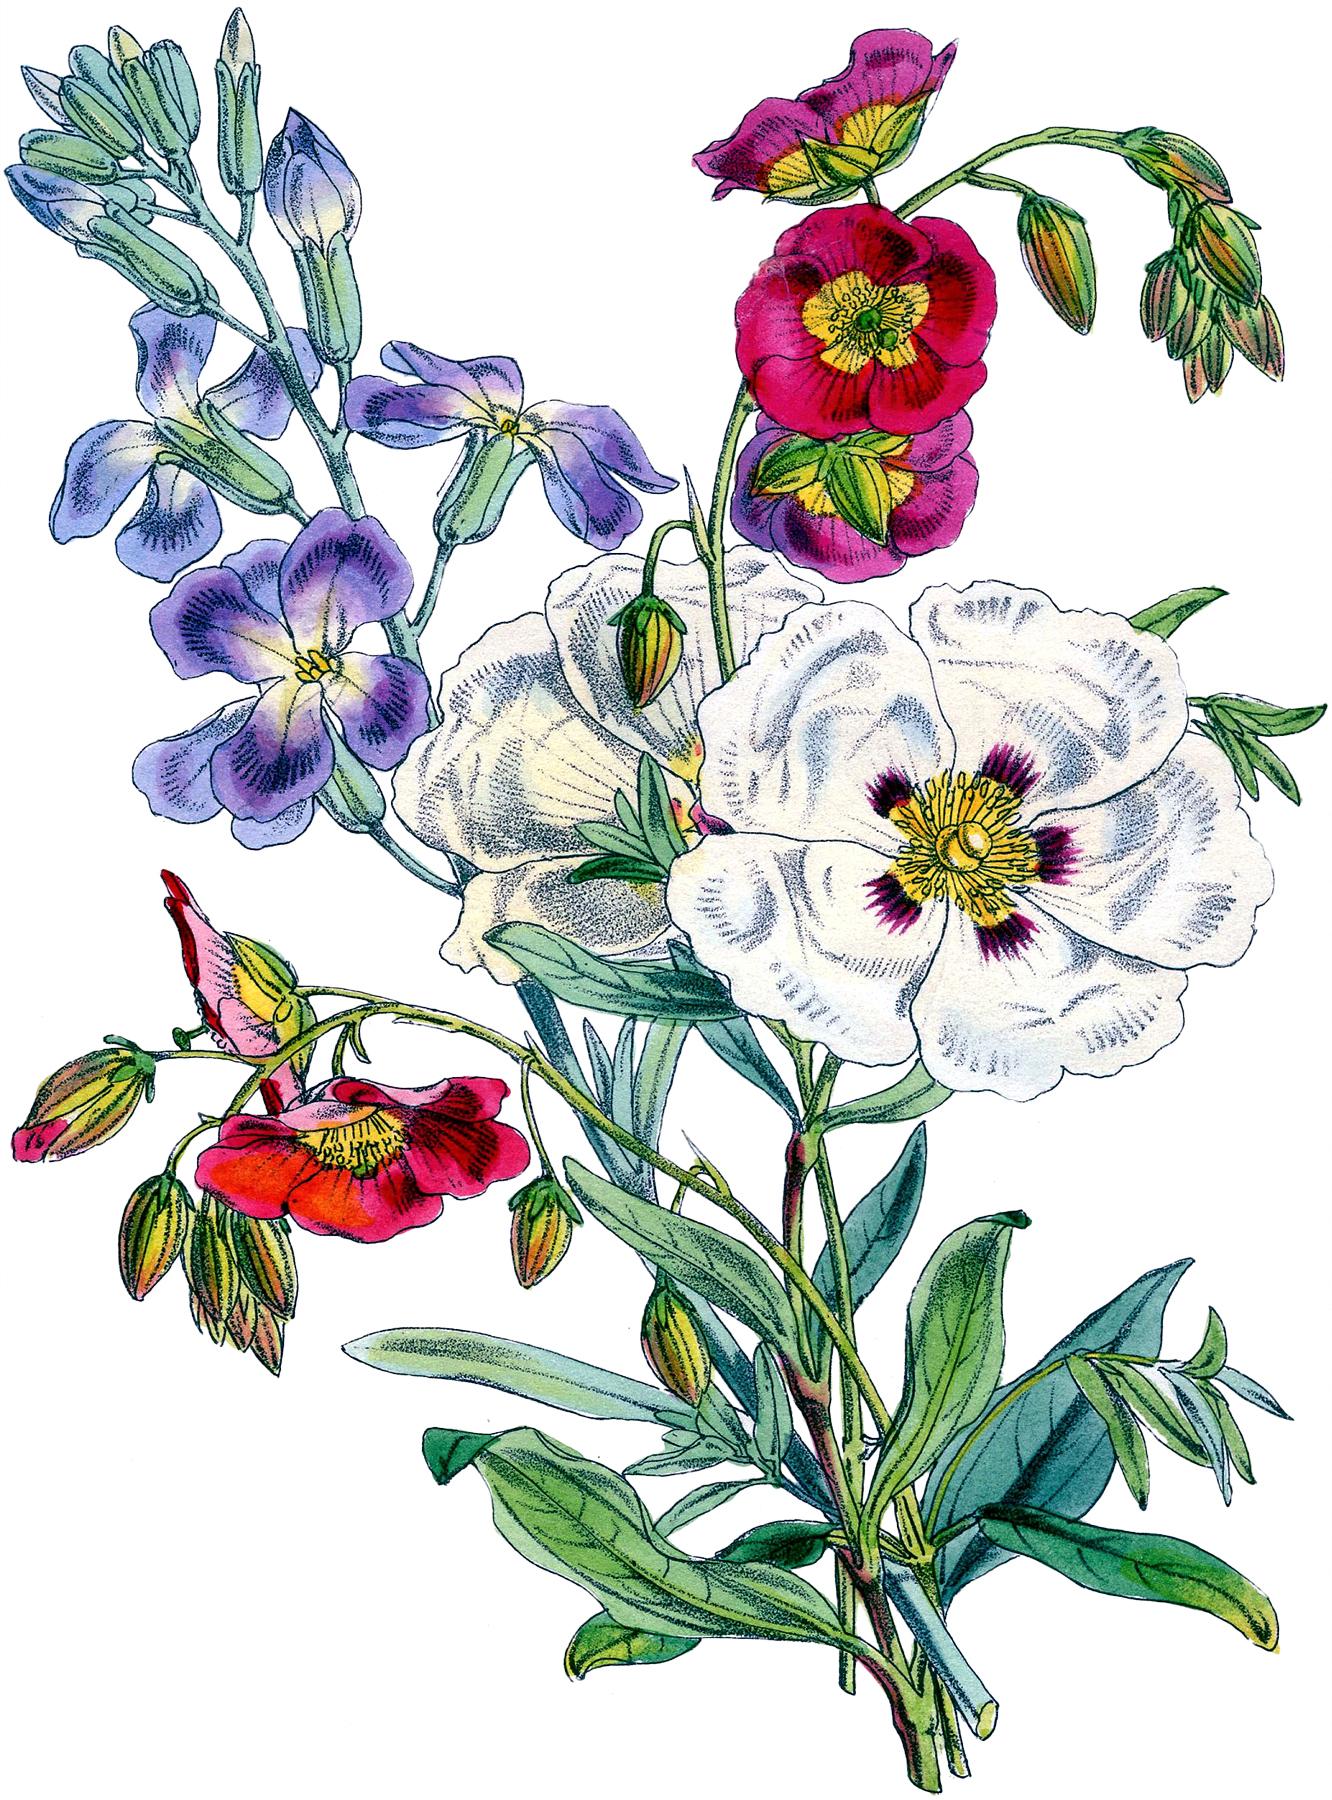 Gorgeous Vintage Floral Bouquet Image! - The Graphics Fairy